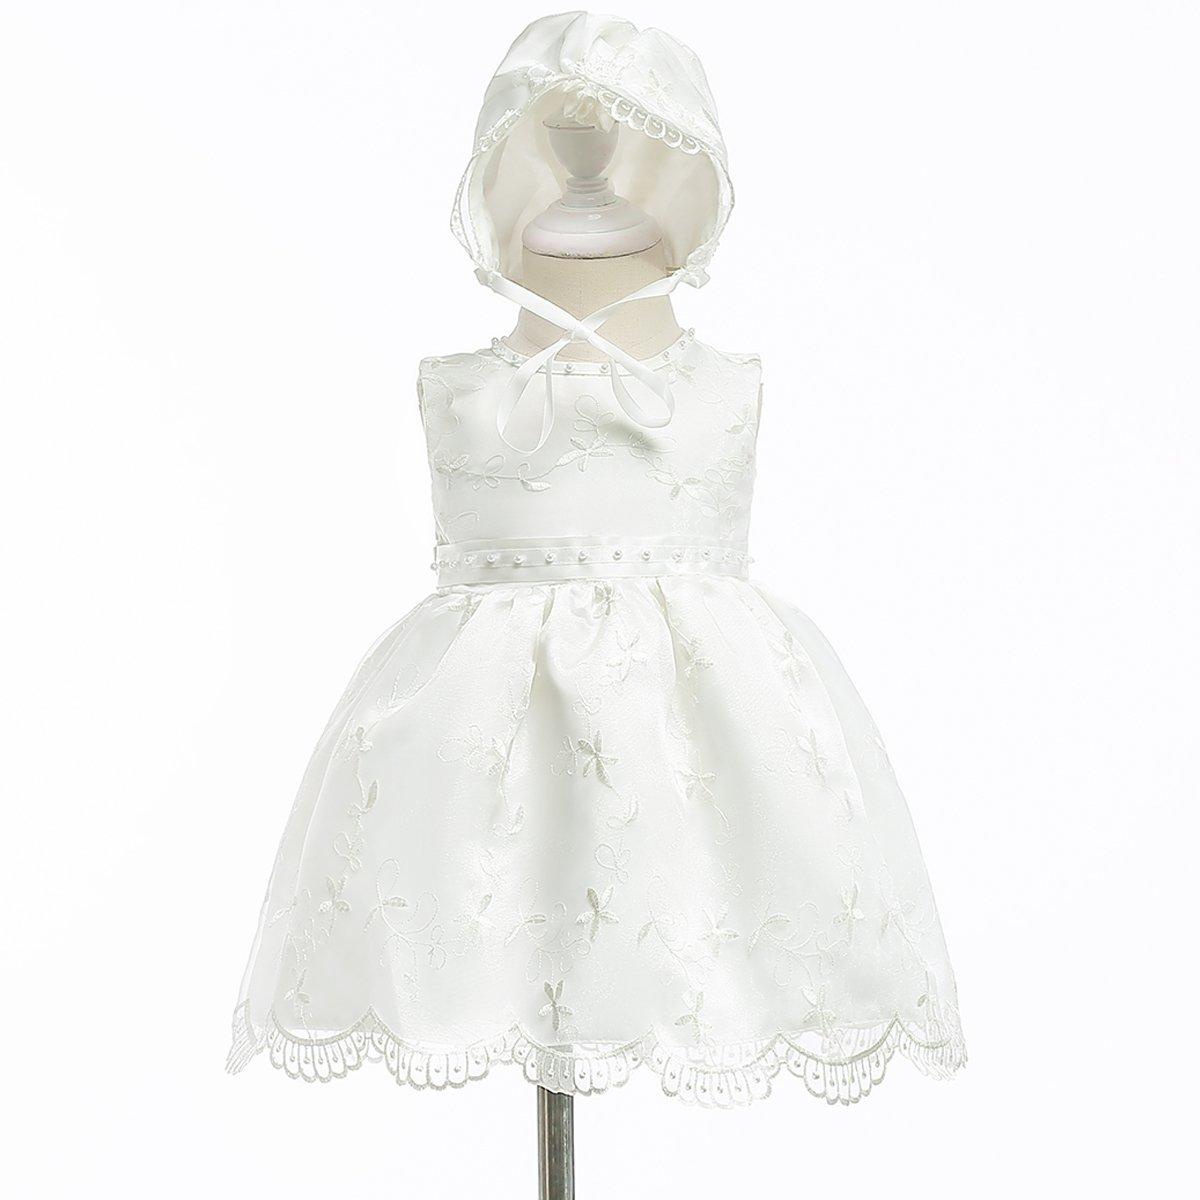 Matt /& bianco lucido Seta Due Sided reversibile vibrante Wrap della stola della sciarpa dello scialle Hijab capo Sciarpe